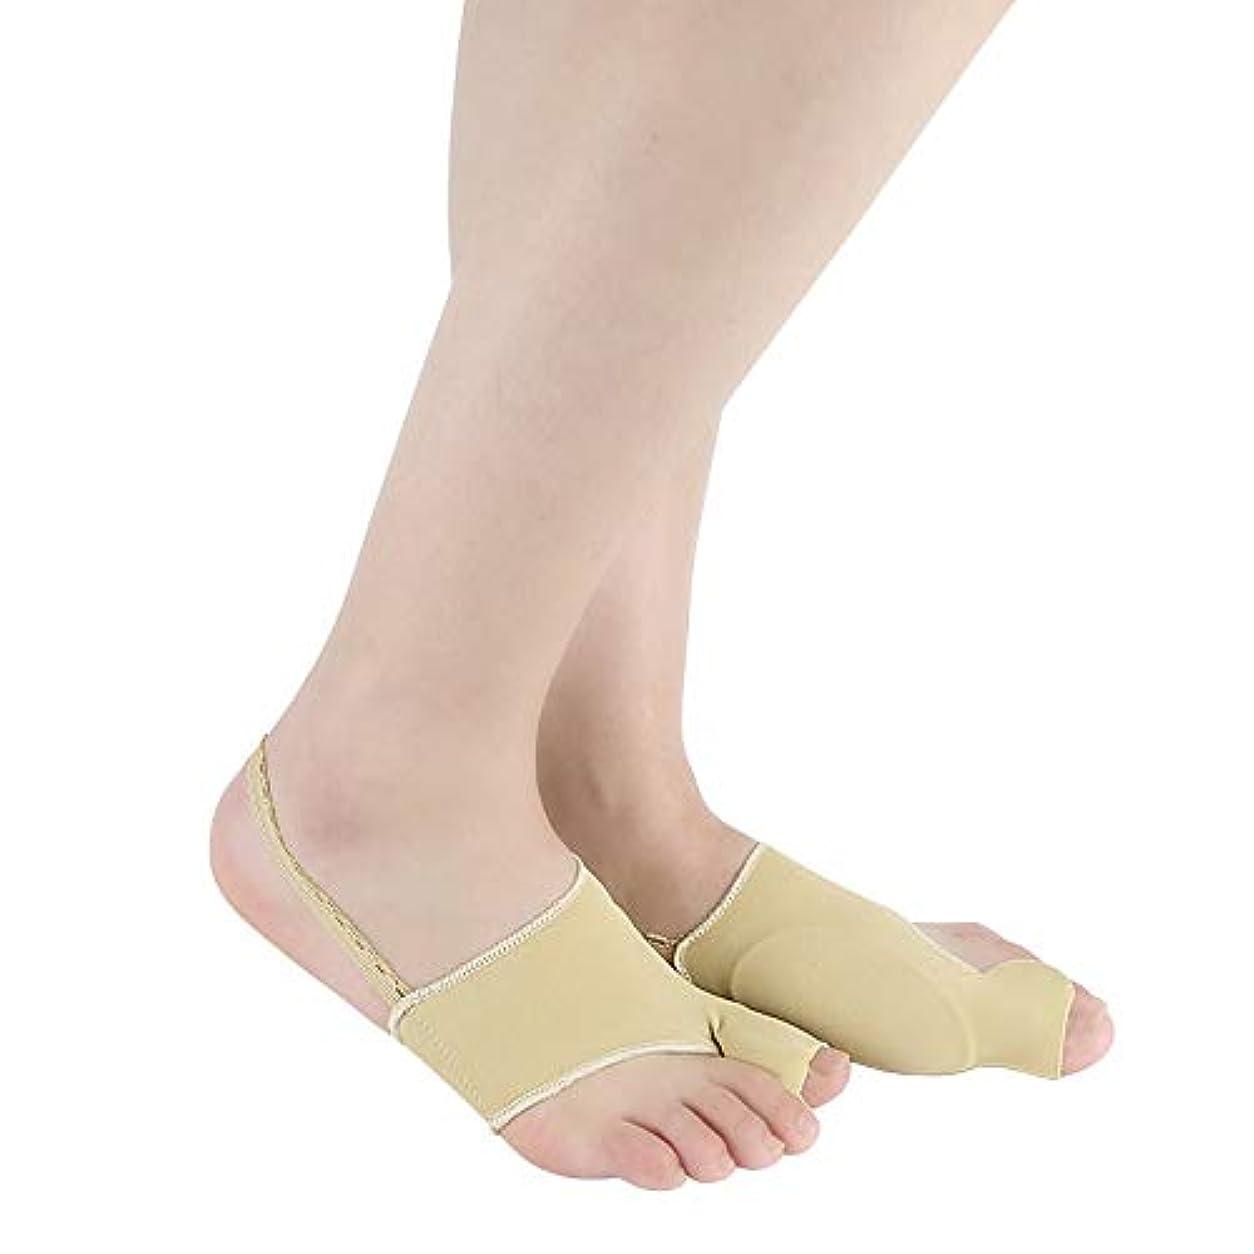 指矯正靴下指の手入れ外陰部で指が重ならないようにしてください。高い弾力性パディングを厚くします。 SEBSライクラ生地を浸して汗をかきます。,5pairs,L